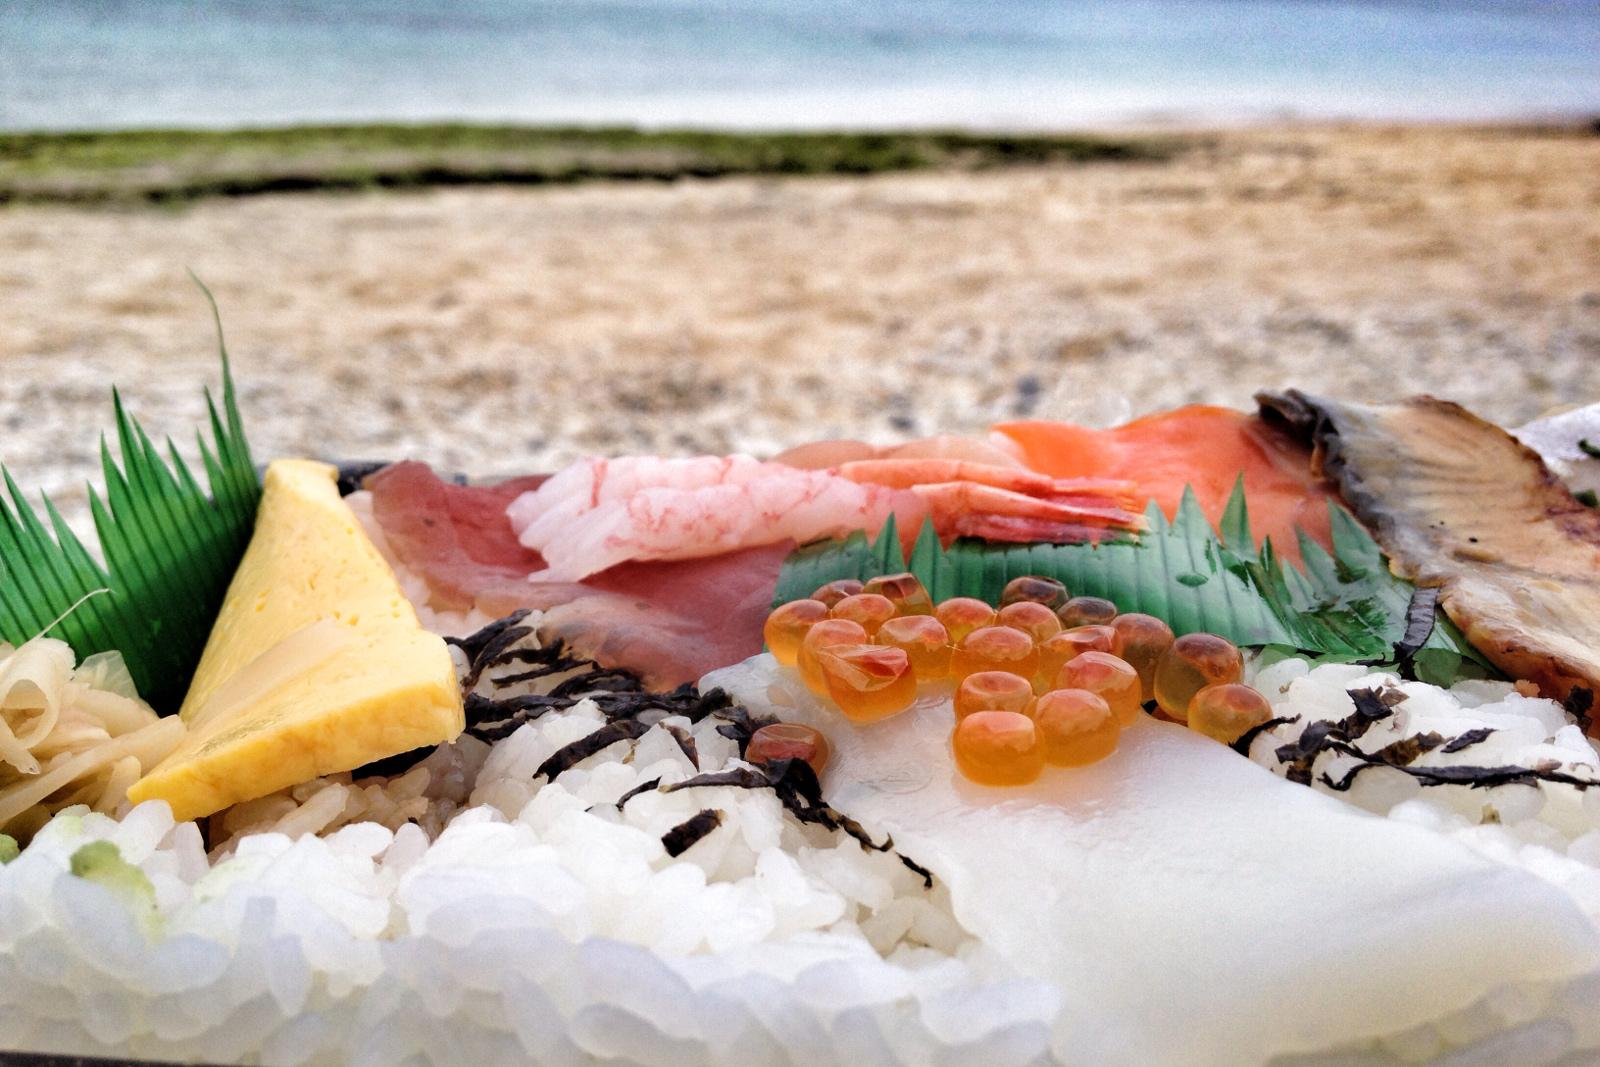 Sushi naTurtle Beach (Żółwiej Plaży), Churaumi, Okinawa, Japonia